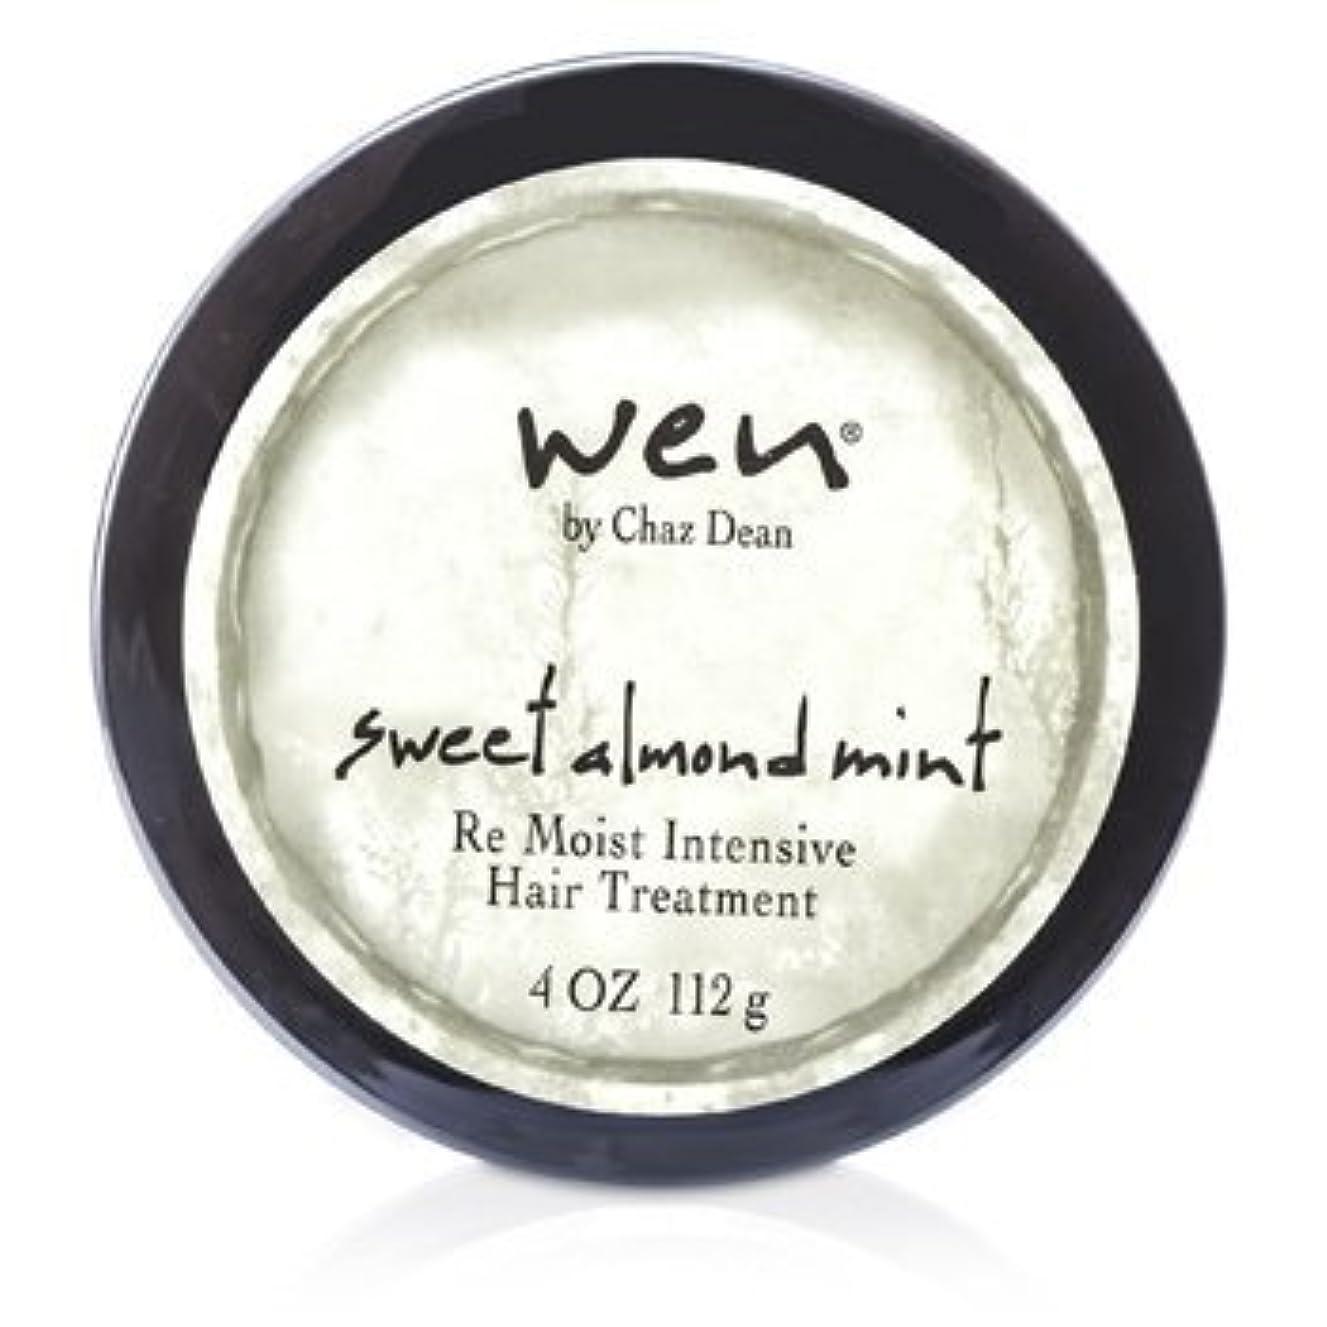 メカニック便利さ深さWEN Re Moist Intensive Hair Treatment 112g sweet almond mint [並行輸入品]